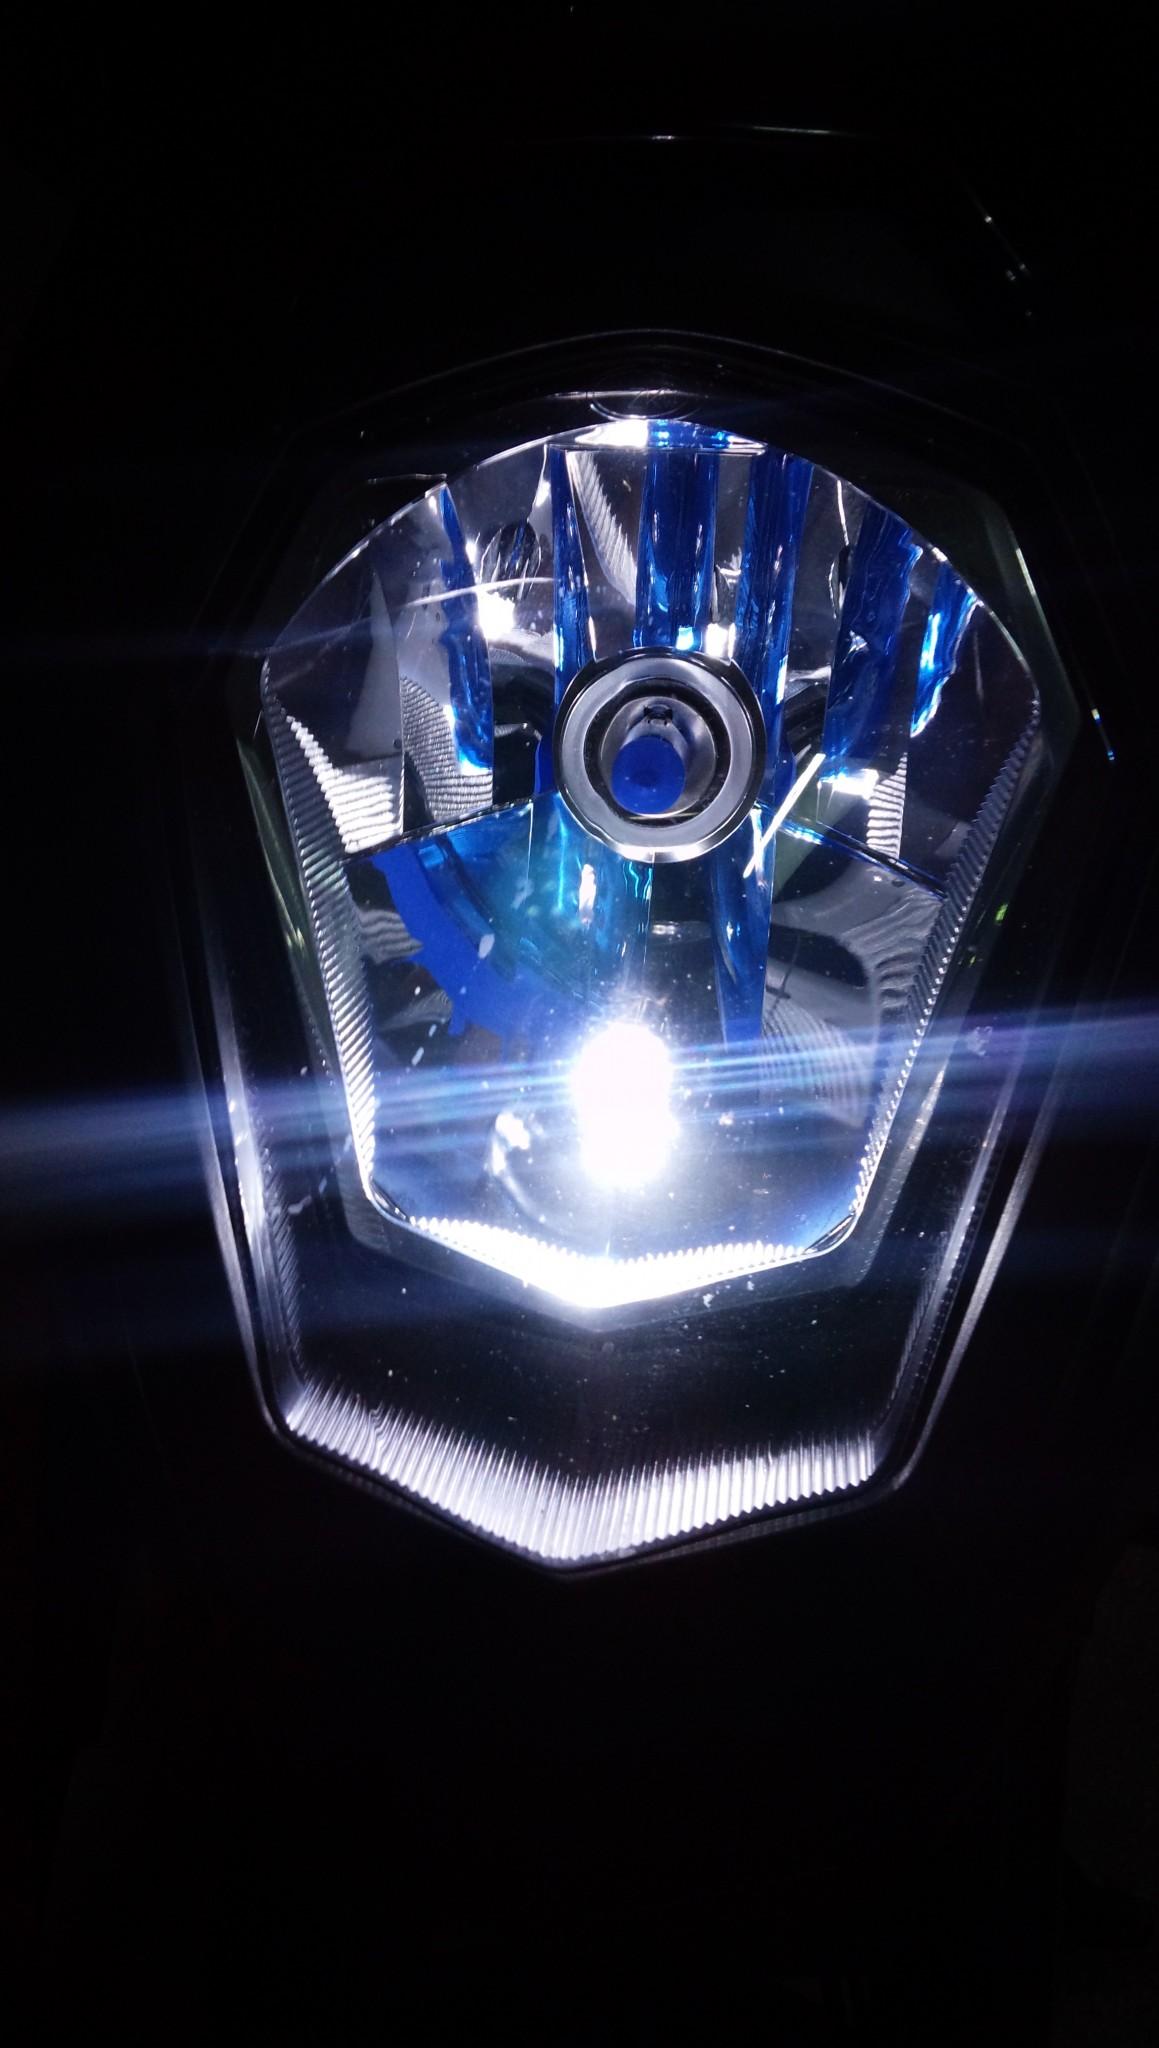 990SMT ヘッドライトバルブ切れ